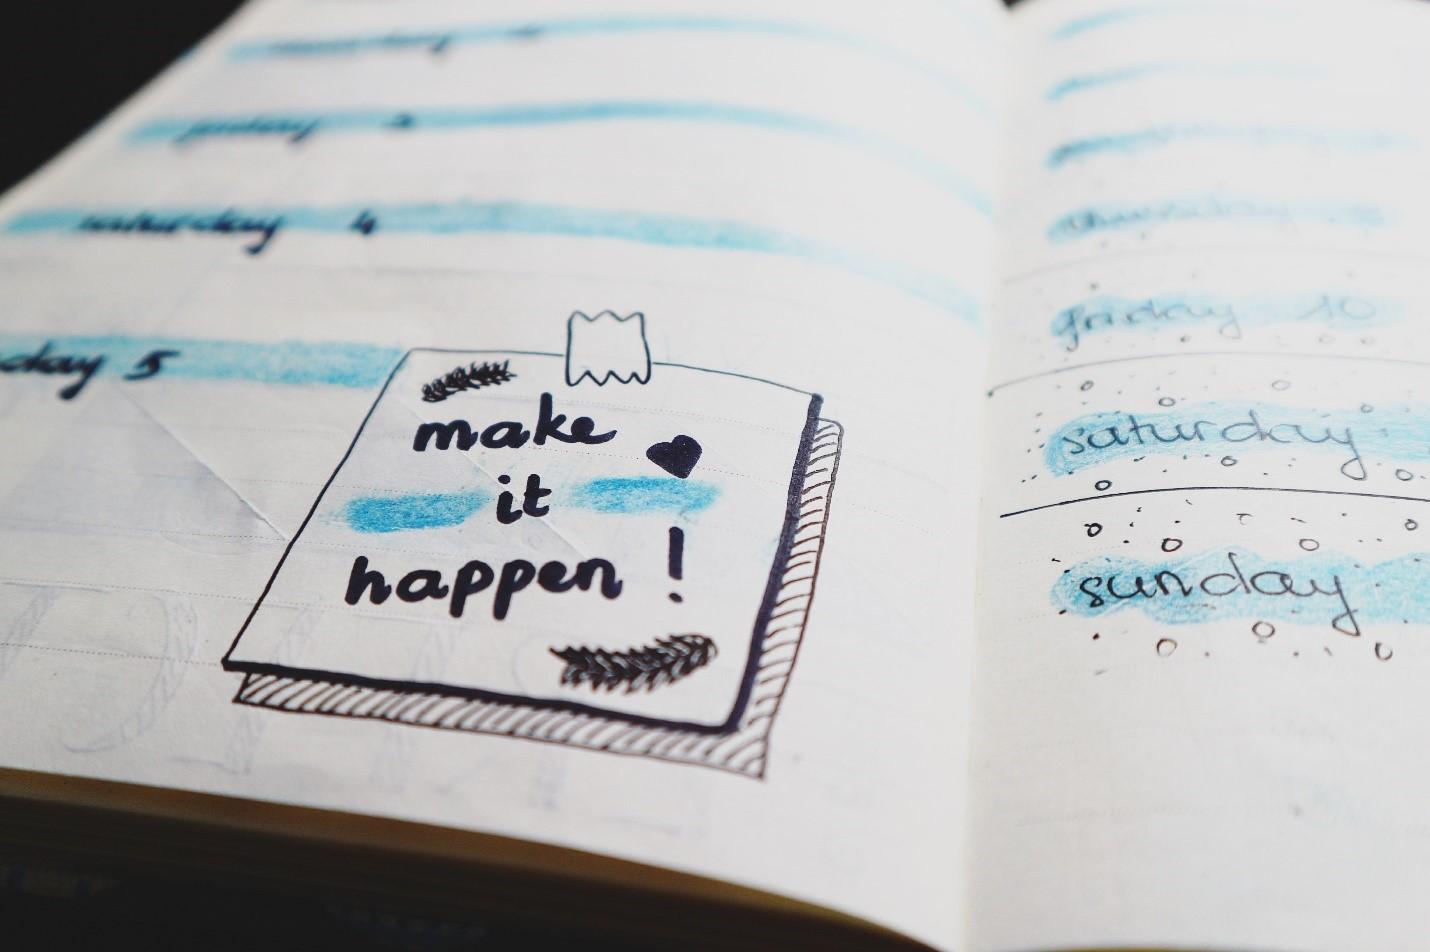 Start an early plan